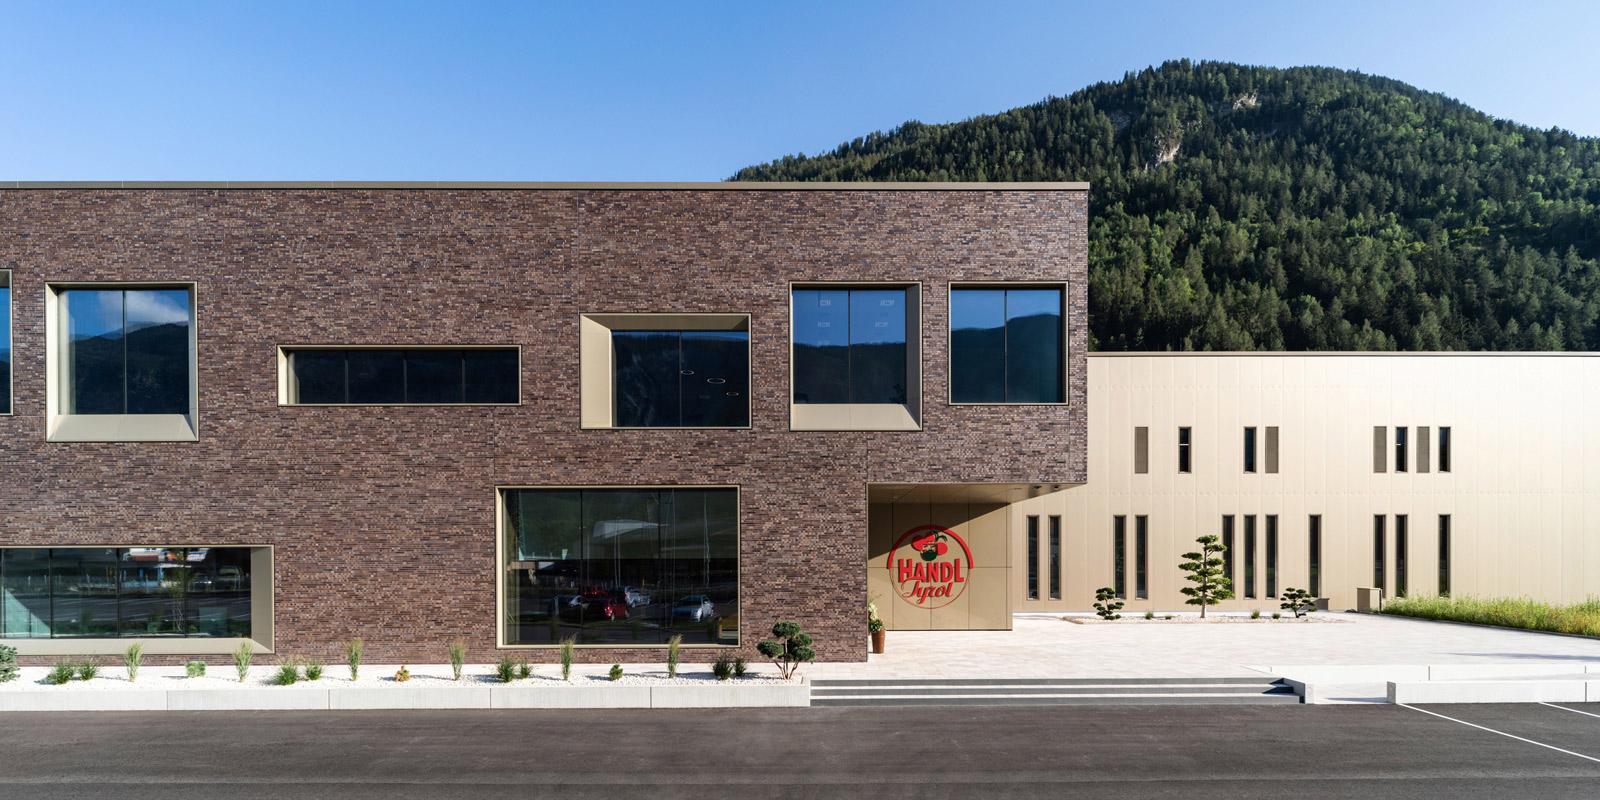 Die Handl Tyrol-Speckproduktion ist Fabrik des Jahres. Foto: ATP/Bause